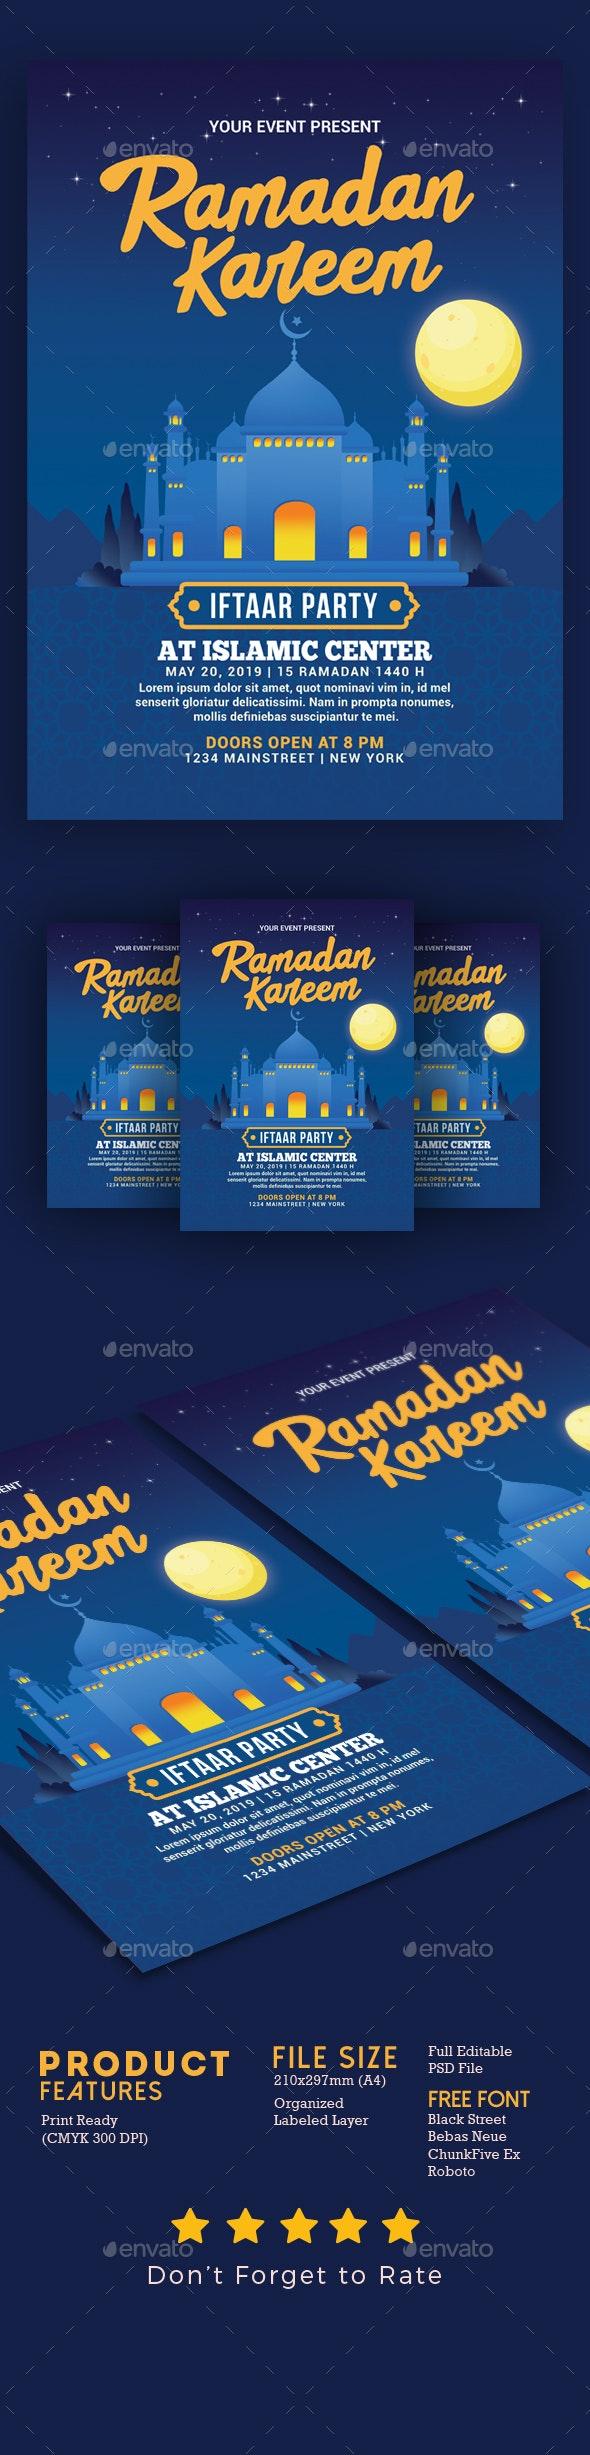 Ramadan Kareem Iftaar Party Flyer - Events Flyers